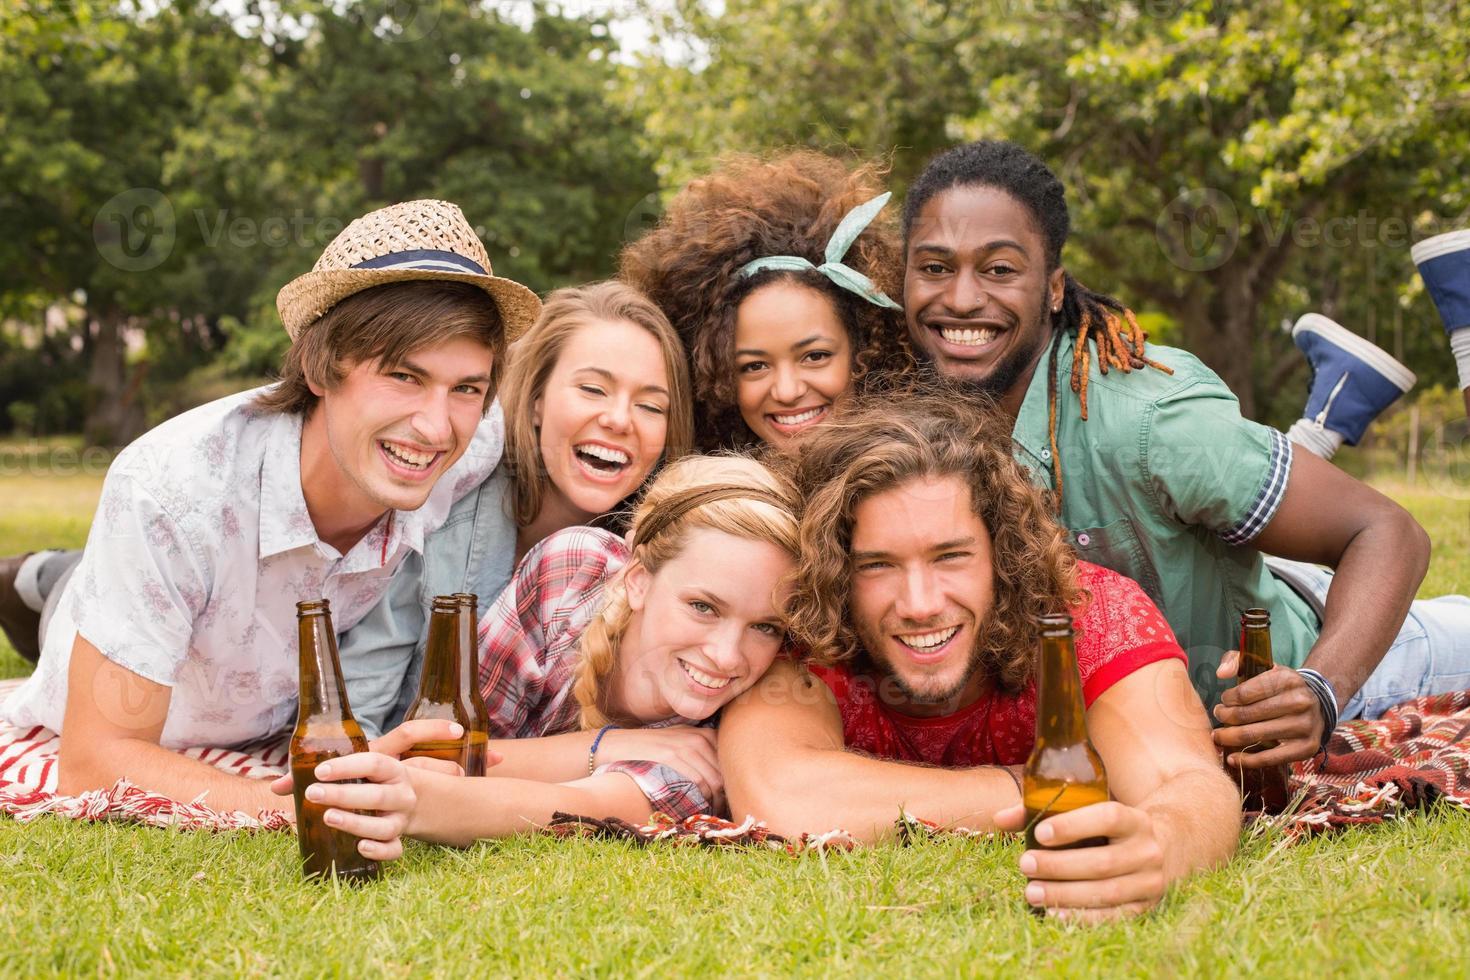 gelukkige vrienden in het park met picknick foto